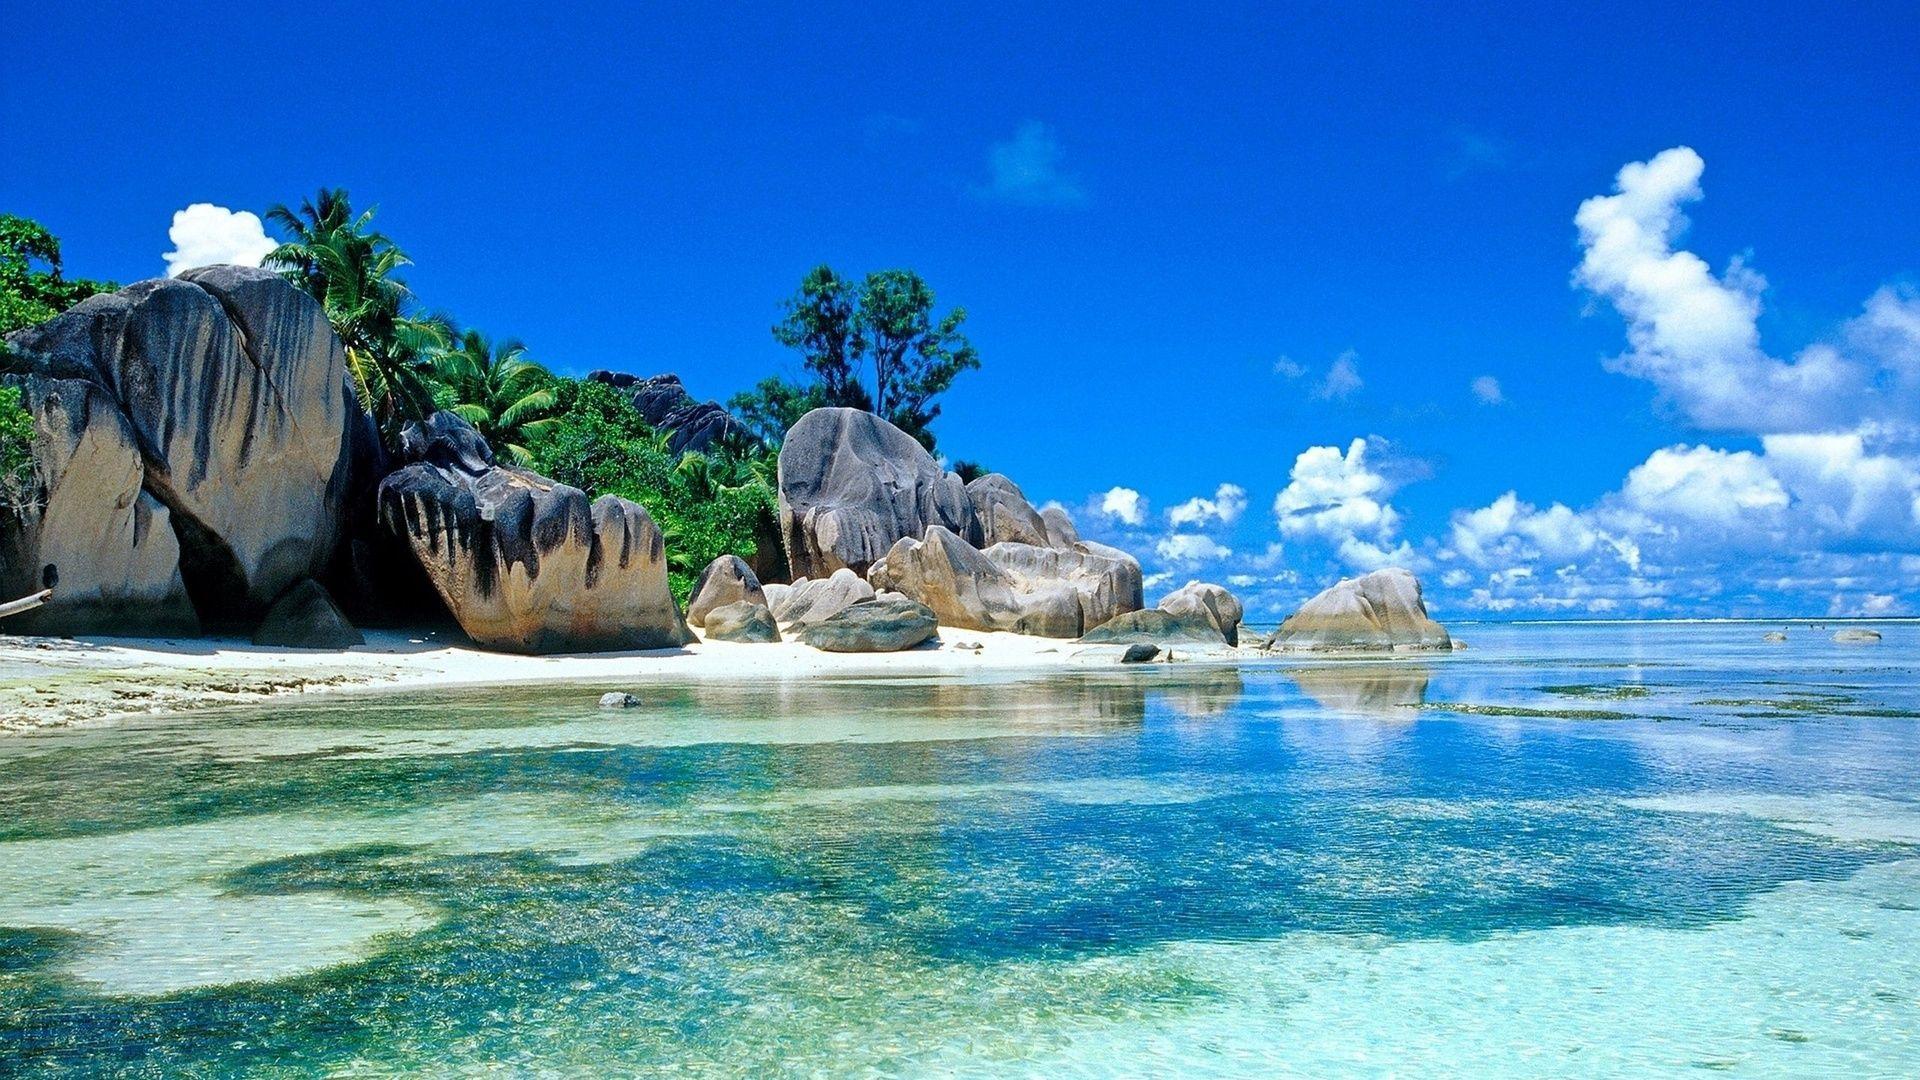 Tropical Beach Wallpapers Top Free Tropical Beach